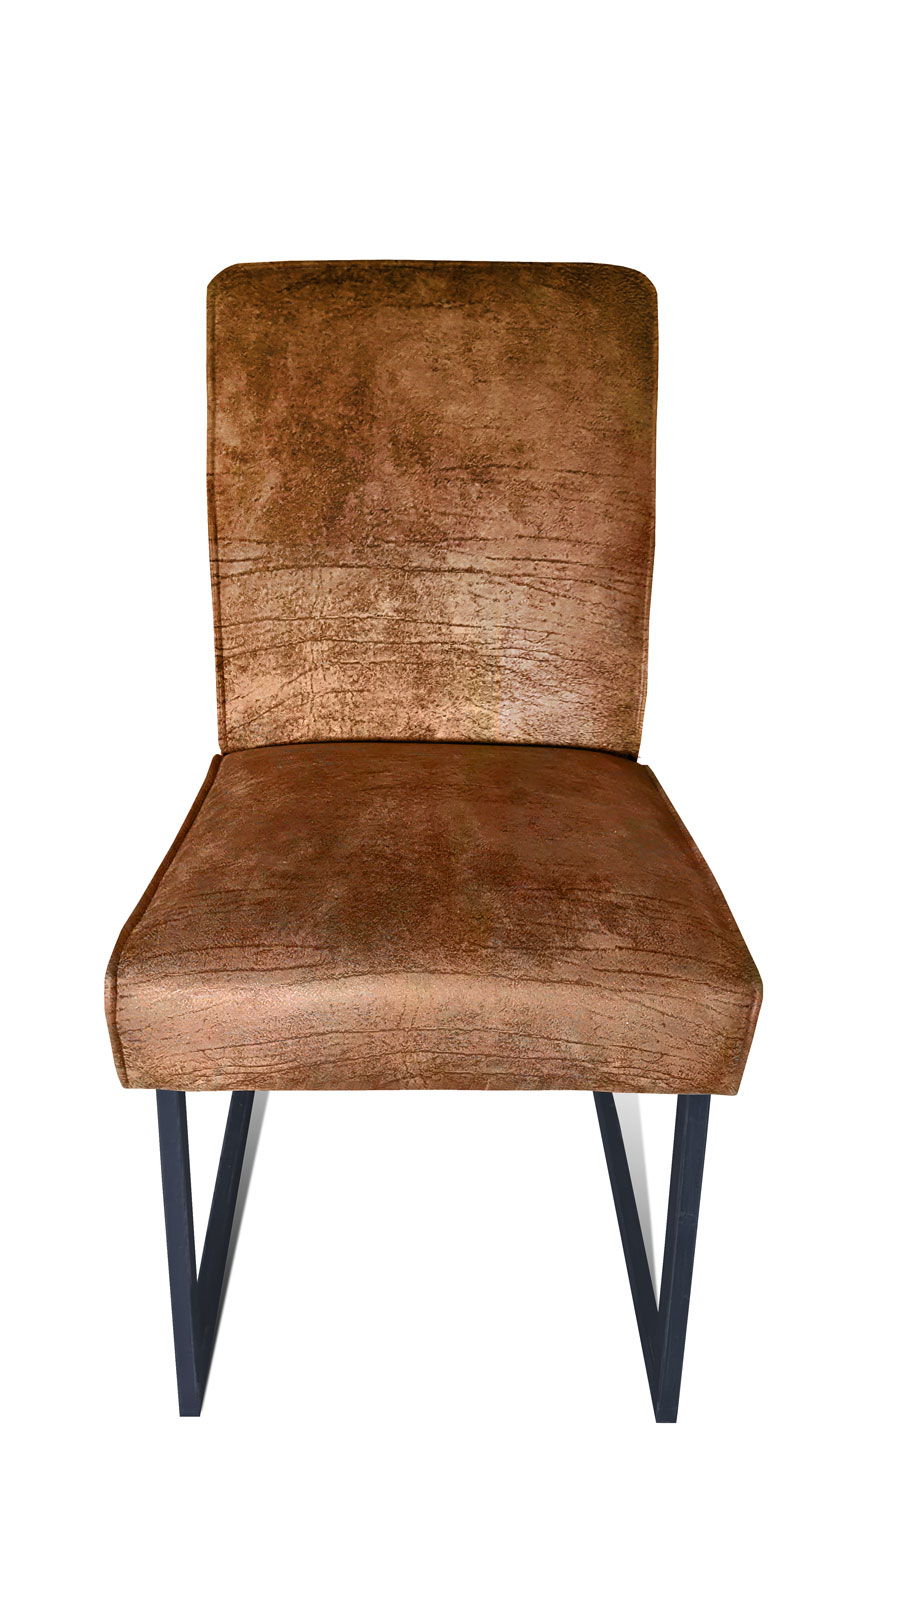 krzesło metalowe carry  przód